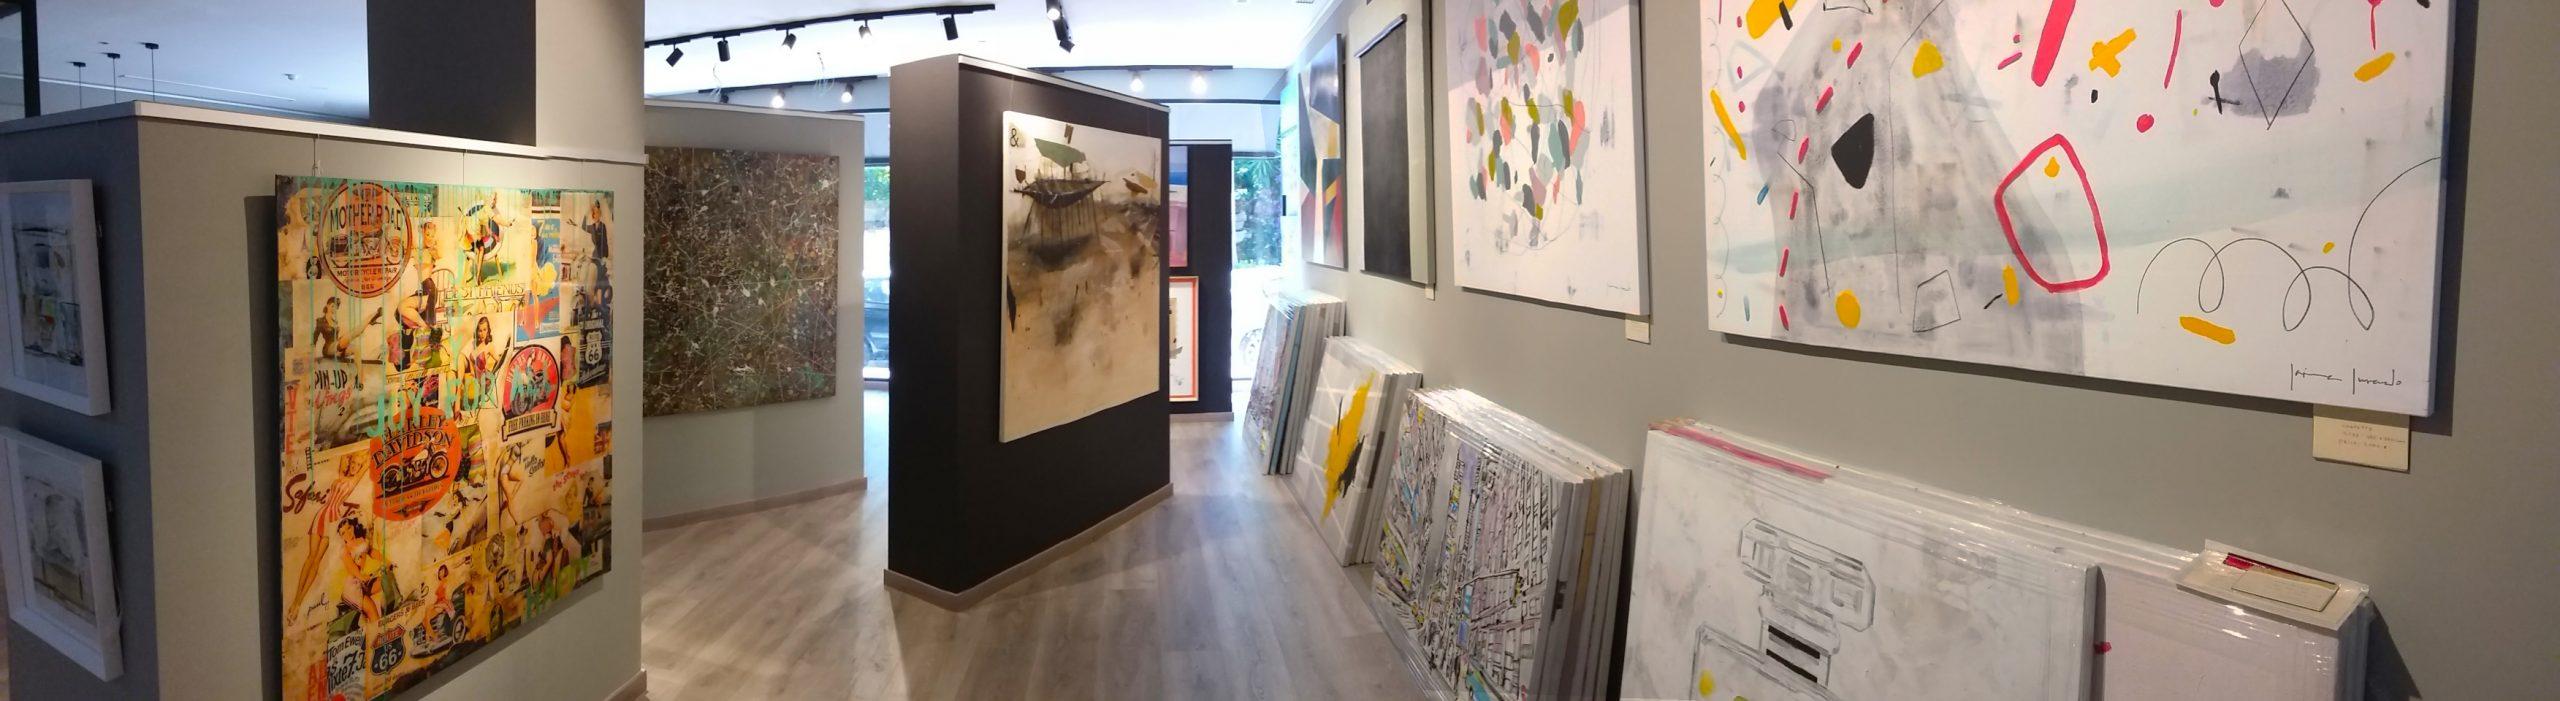 Novocuadro Art Company